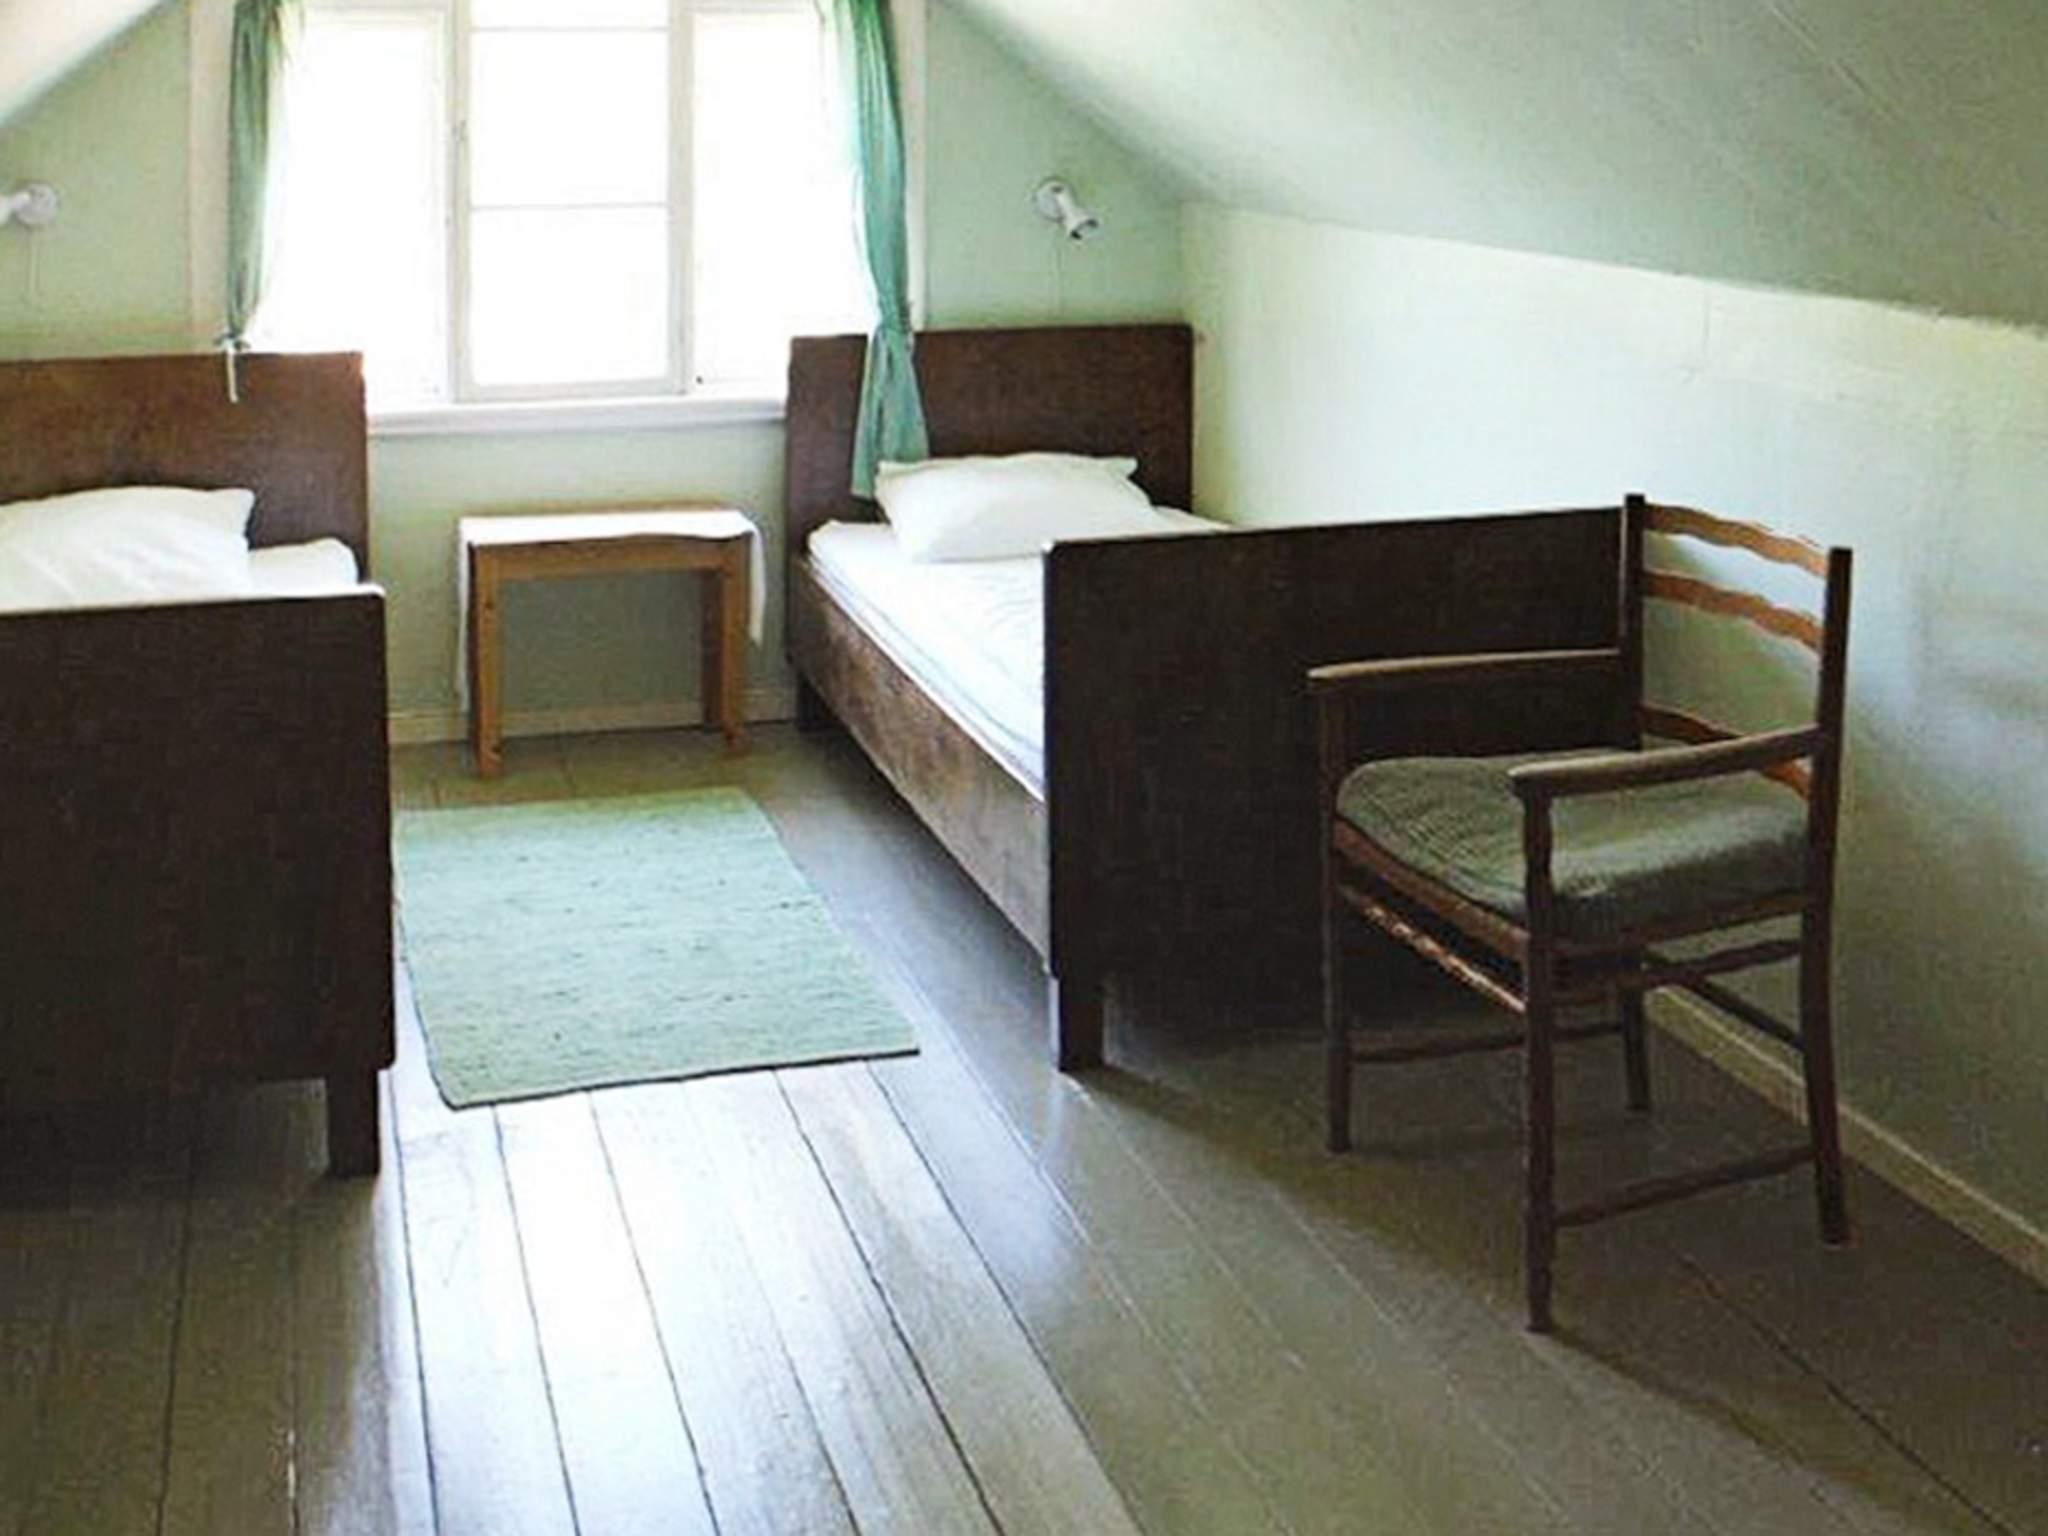 Ferienhaus Tving (135628), Tving, Blekinge län, Südschweden, Schweden, Bild 12